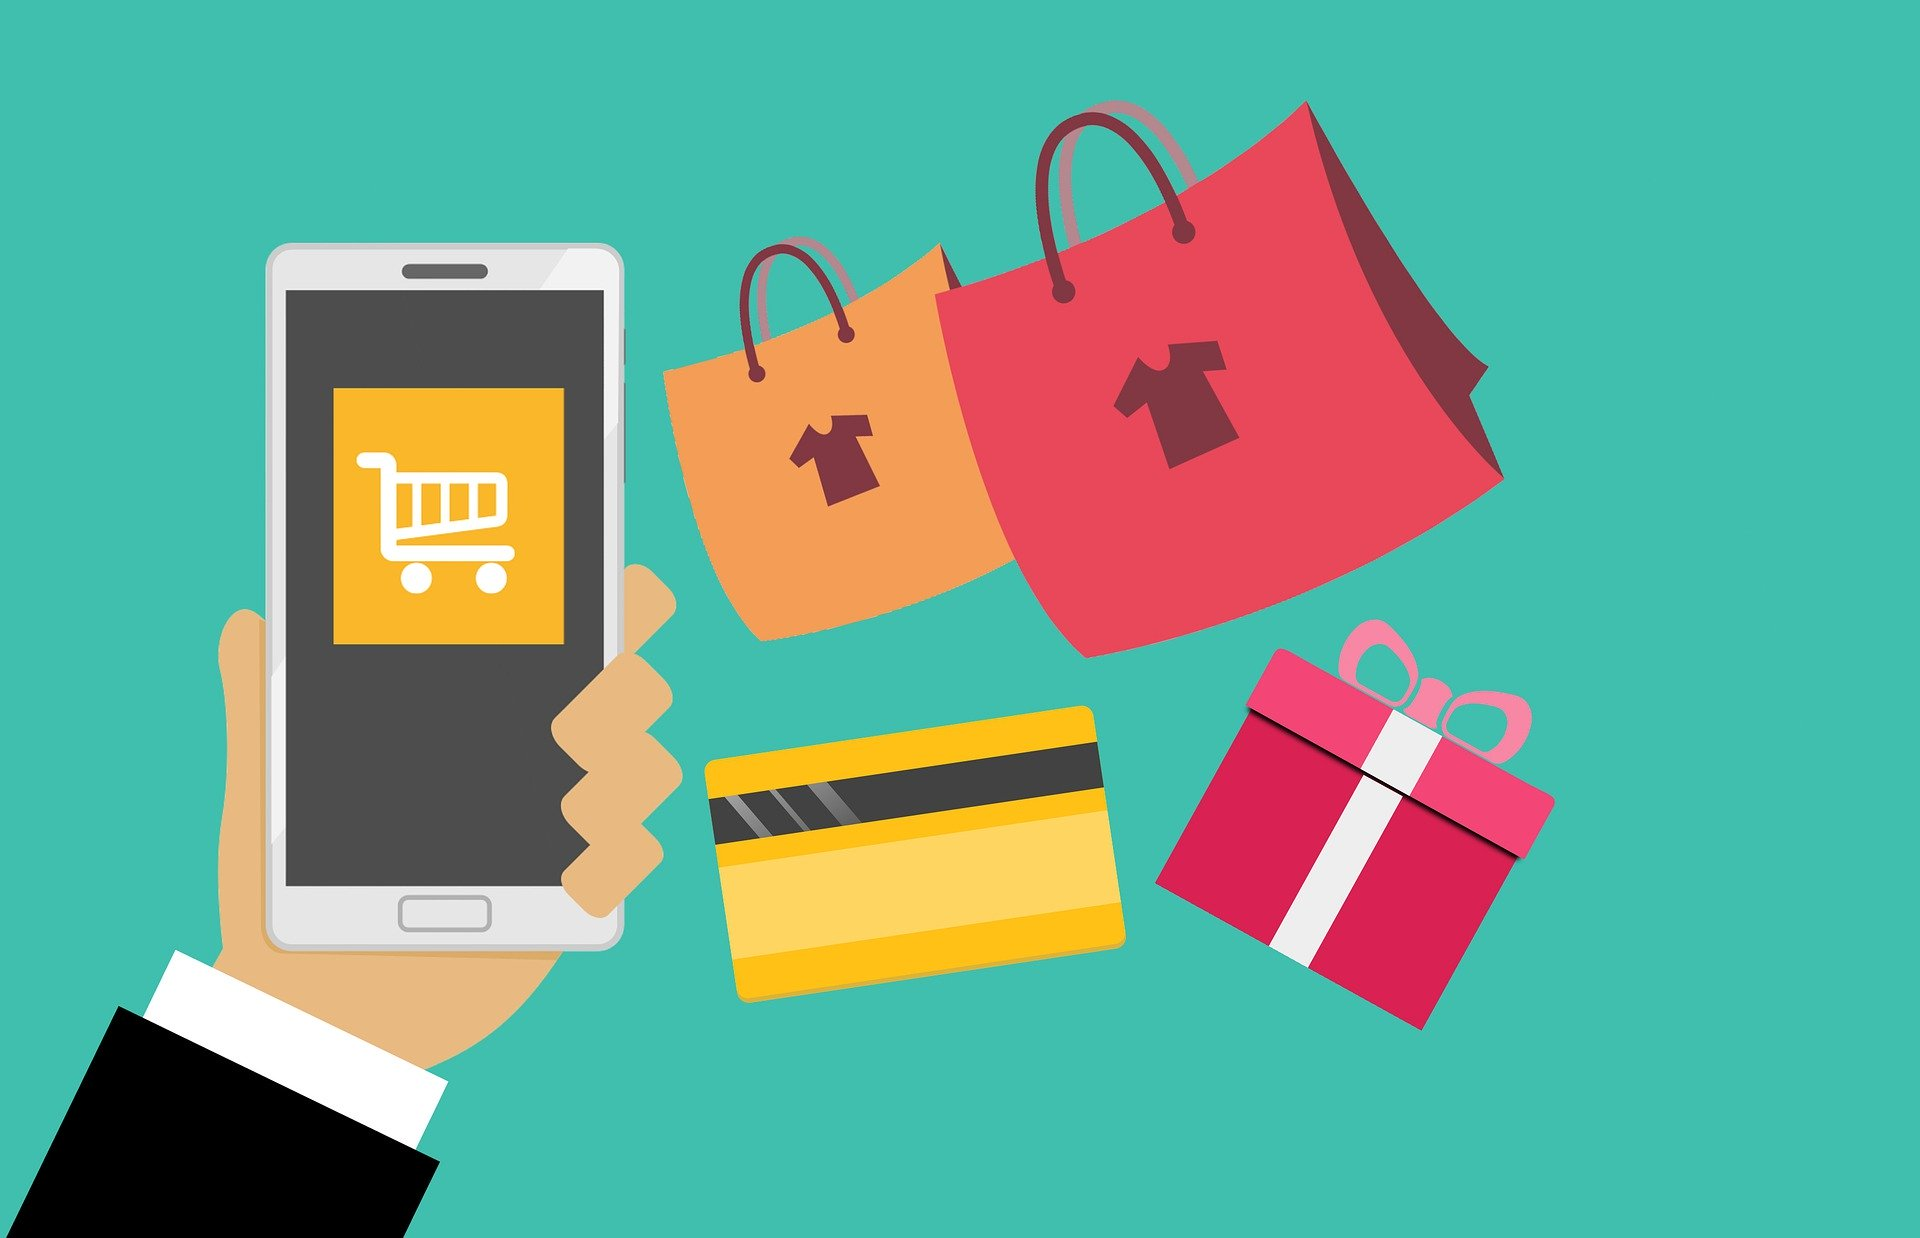 Quels sont les leviers digitaux clés dans le parcours d'achat ?